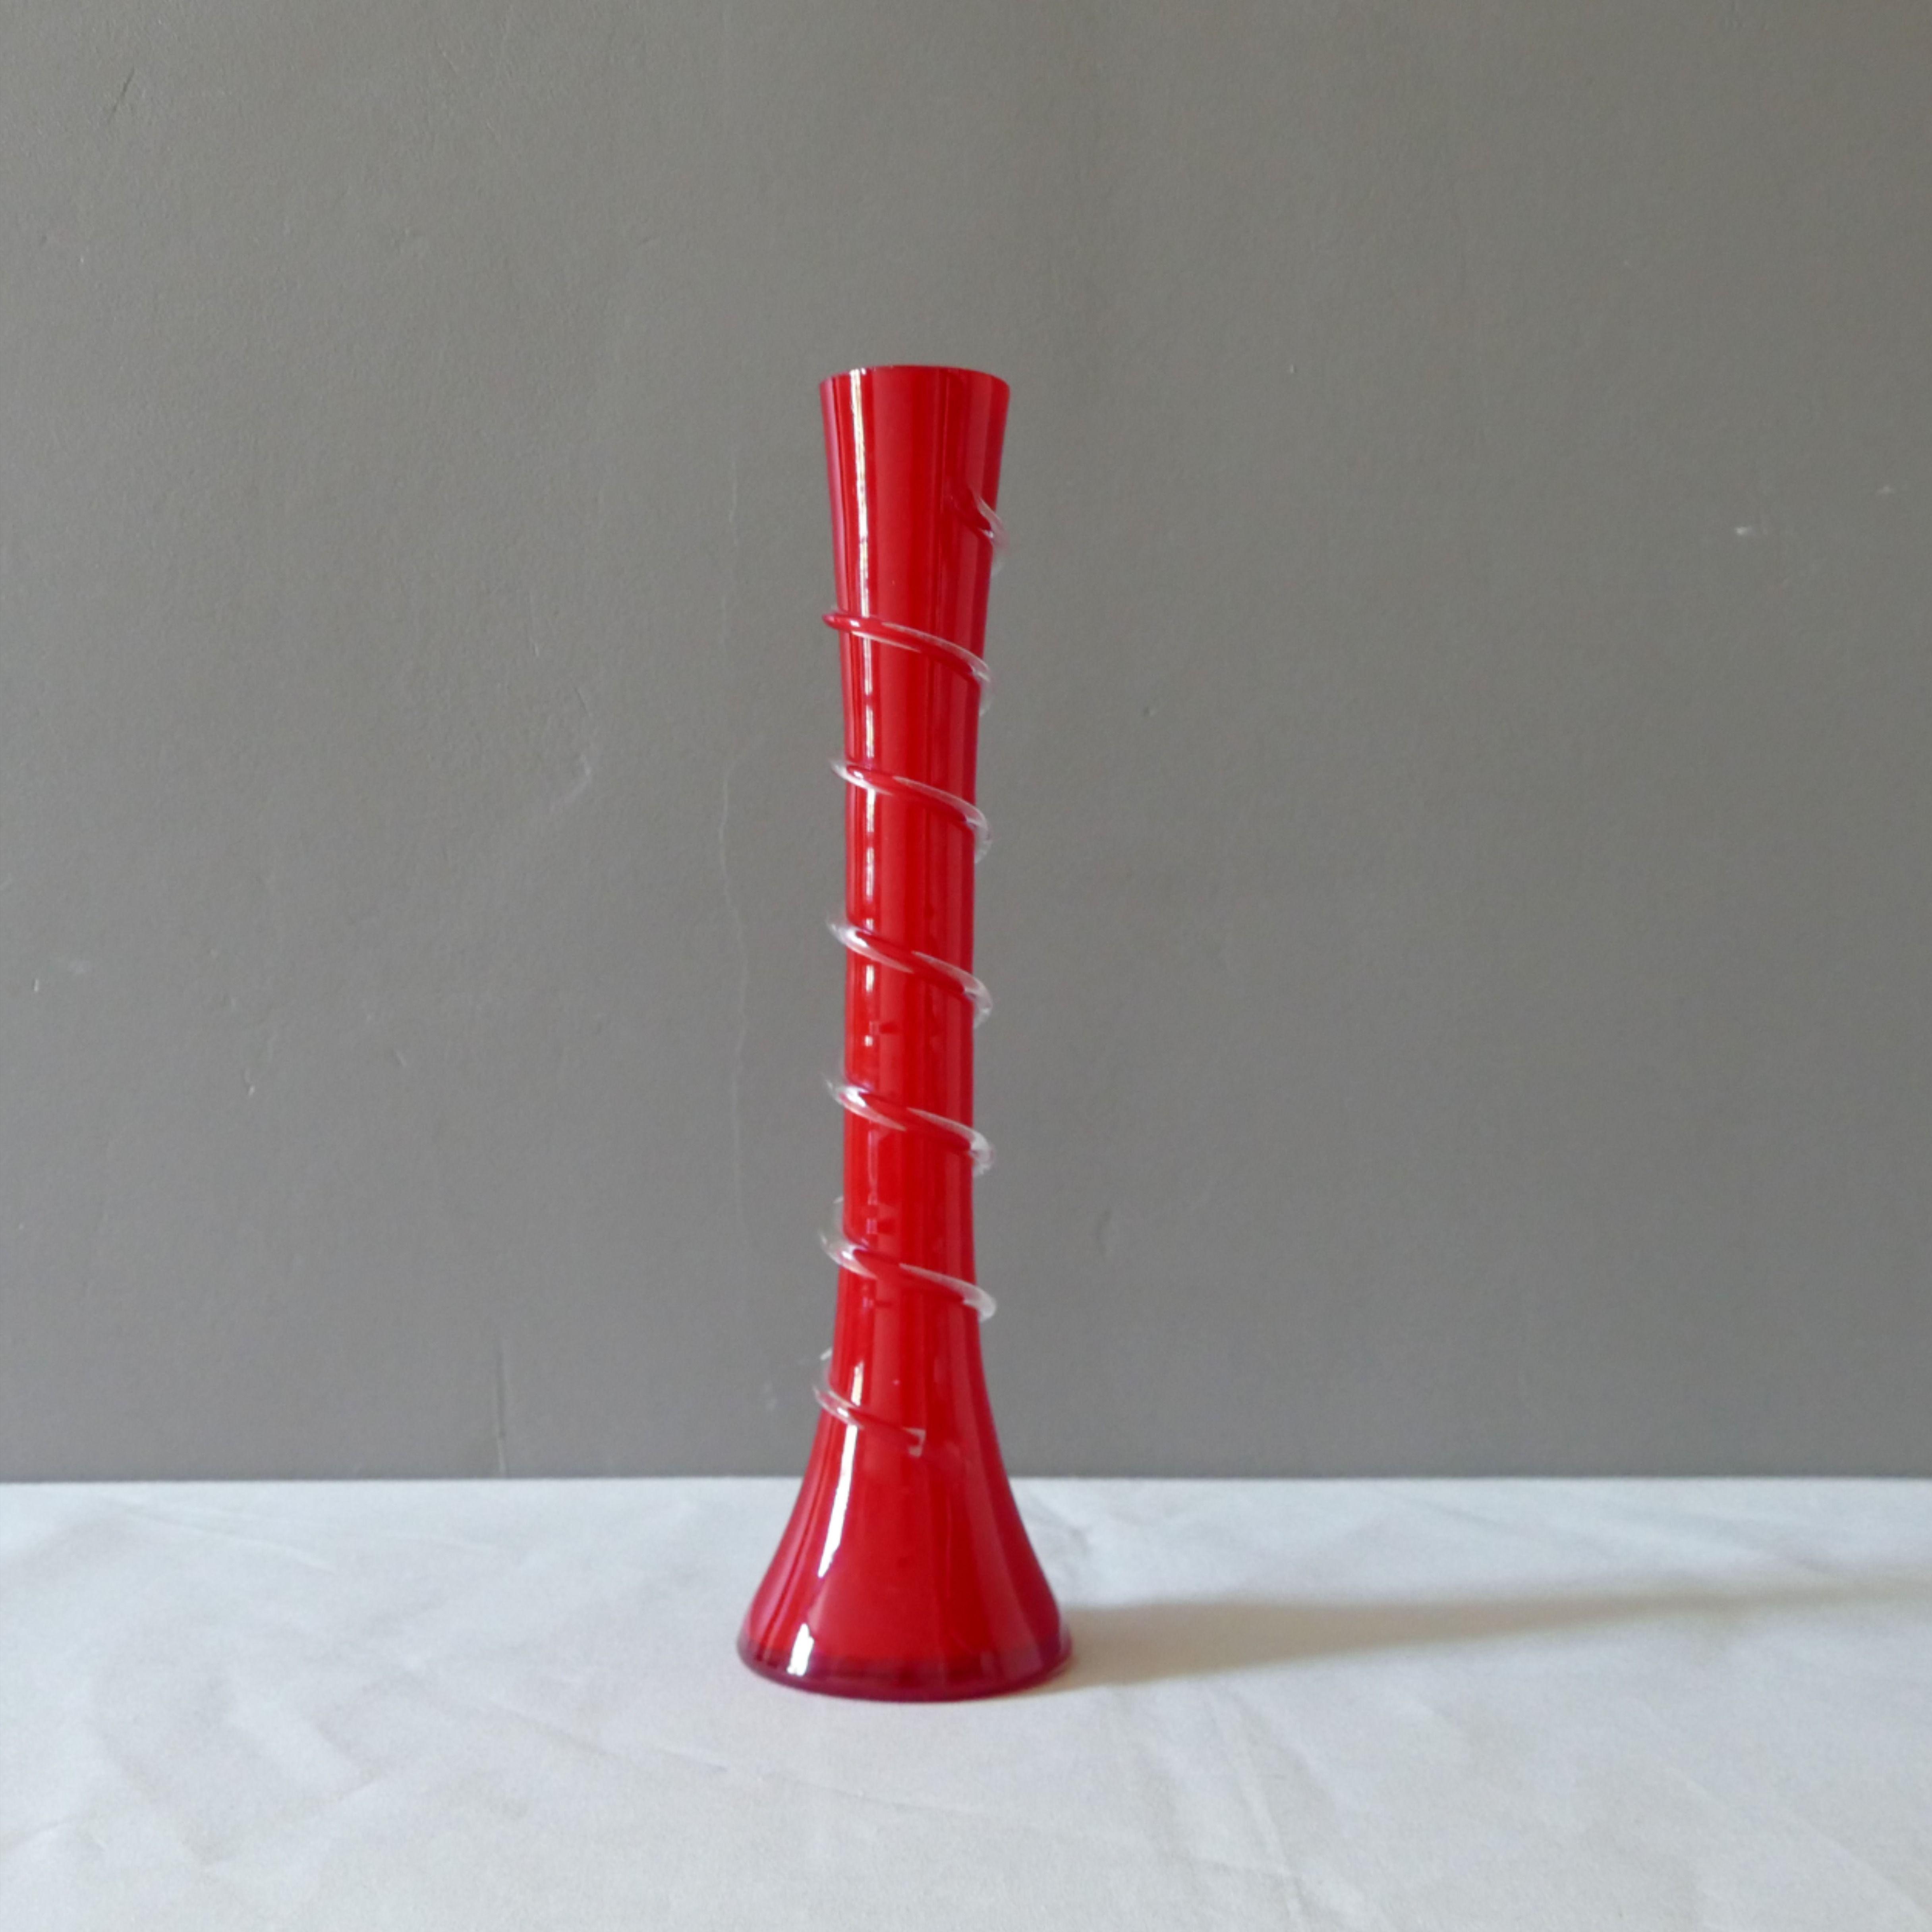 Charmant soliflore rouge des années 1970 disponible dans la boutique #vasevintage #brocante #chinedujour #soliflorerouge #decorationvintage #retro #decorationdinterieur #interieurvintage #objetvintage #objetcoupdecoeur